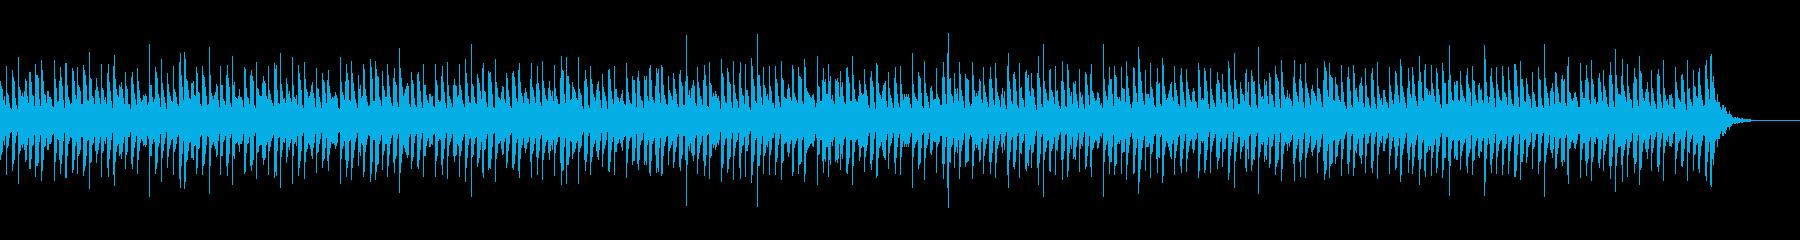 プロダクトムービー用 淡々と繰り返し1の再生済みの波形